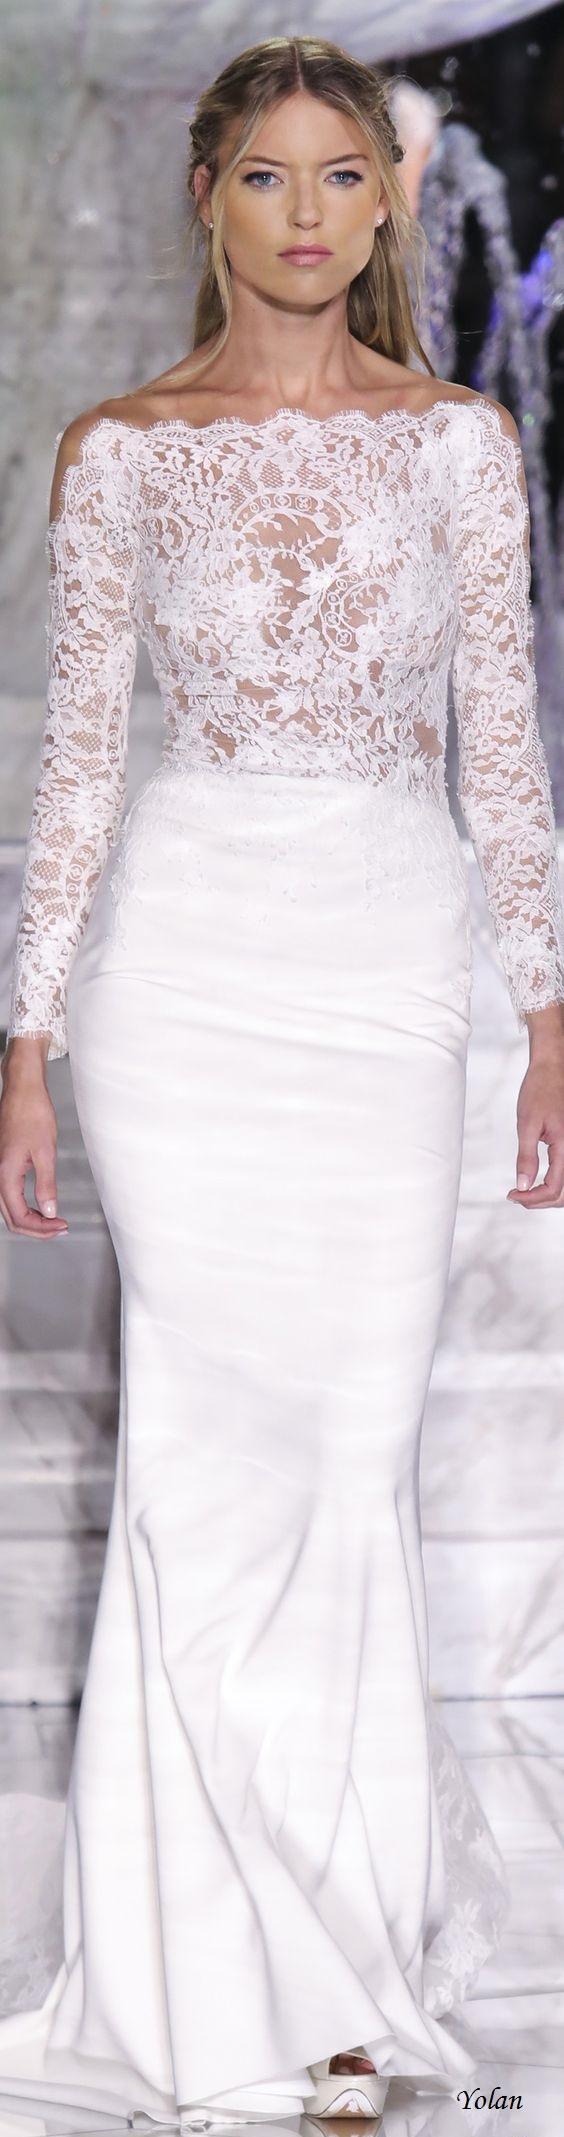 bridal pronovias noivaslena pinterest best wedding dress